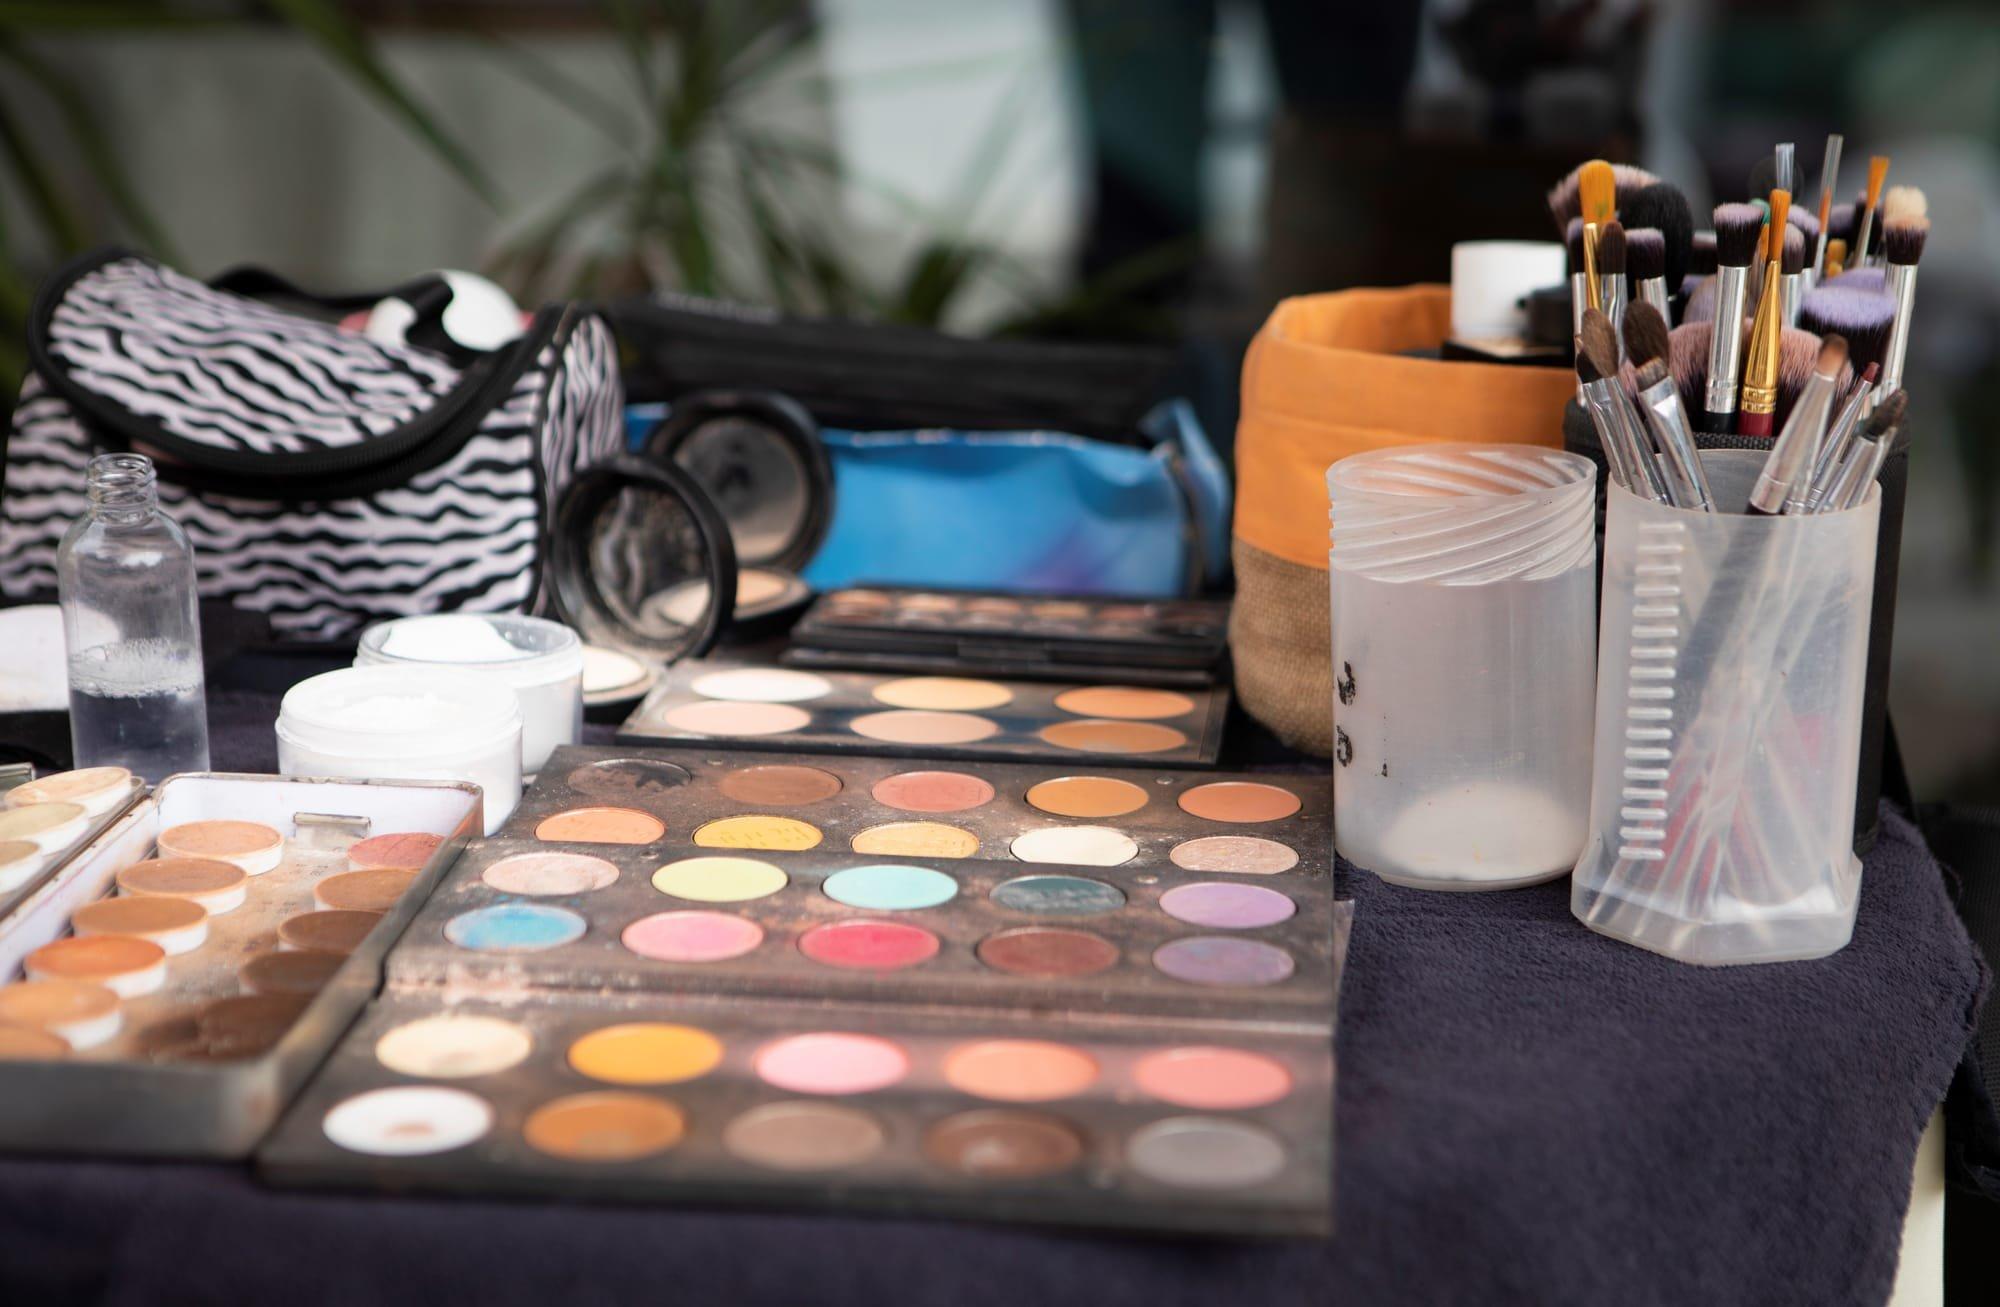 Palette de maquillage pour un cours de maquillage avec Anais Faure maquilleuse à Montpellier